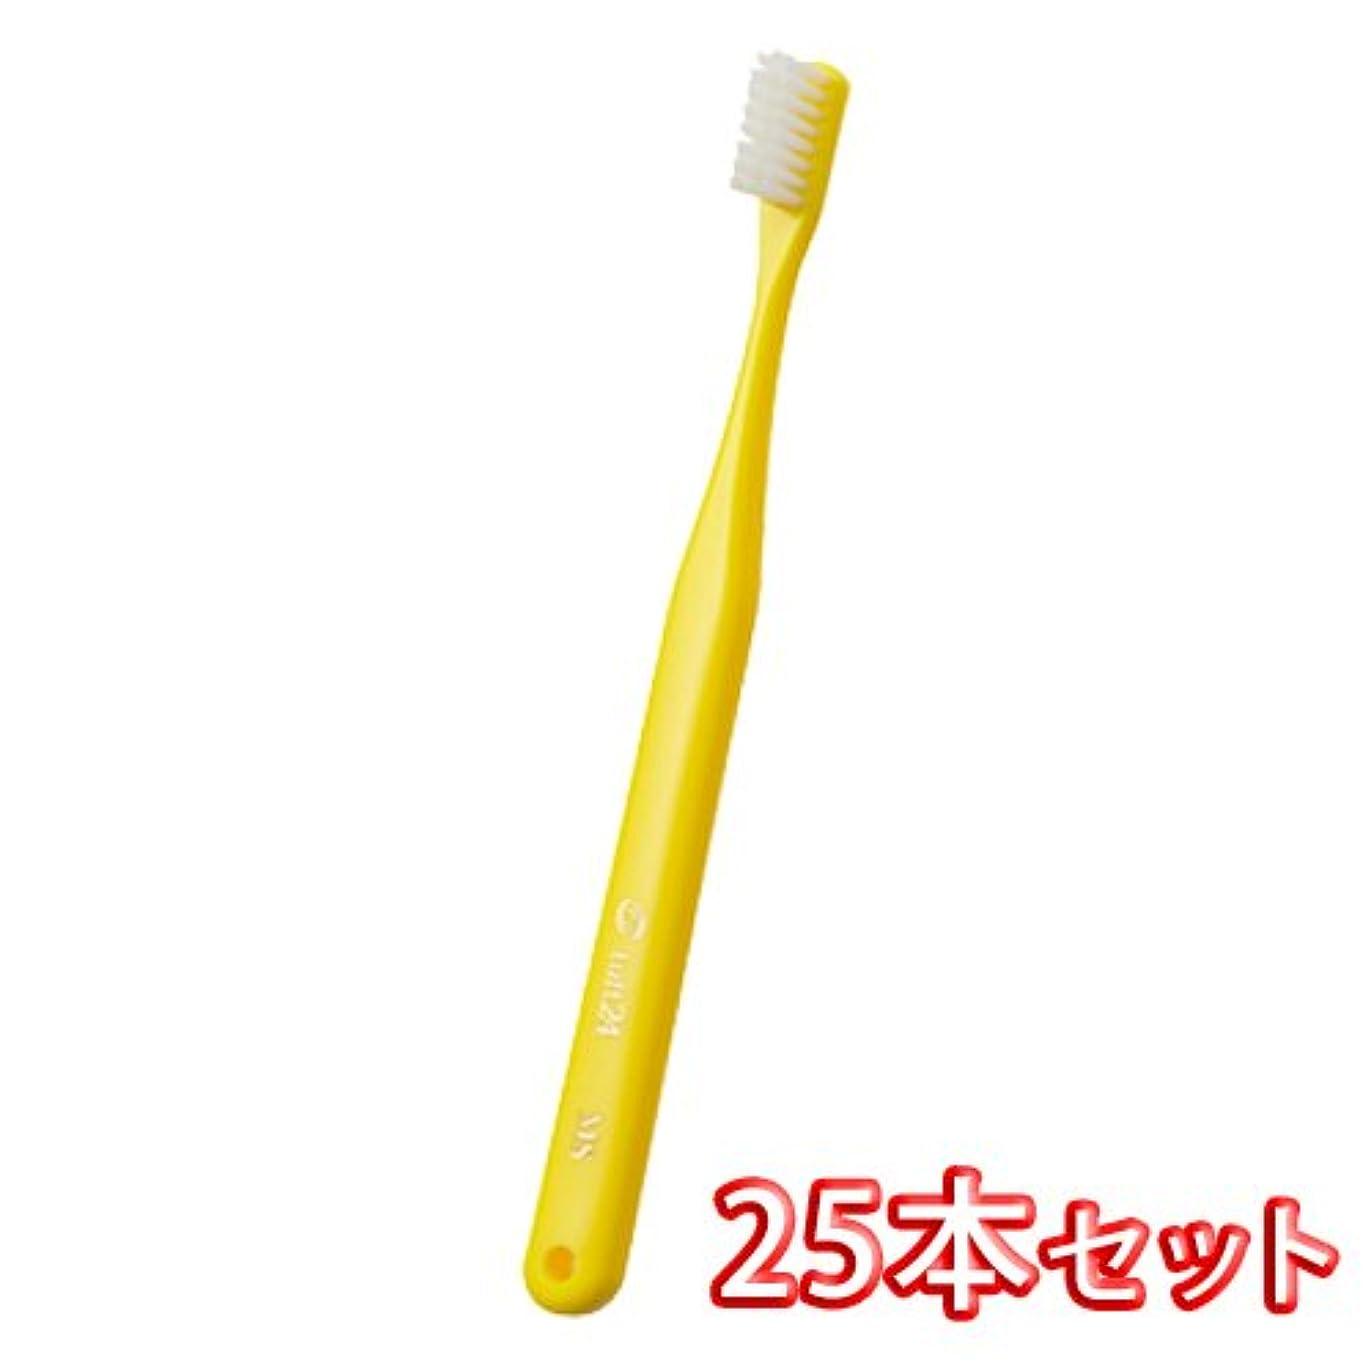 四宗教アシストオーラルケア キャップ付き タフト 24 歯ブラシ 25本入 ミディアムハード MH (イエロー)